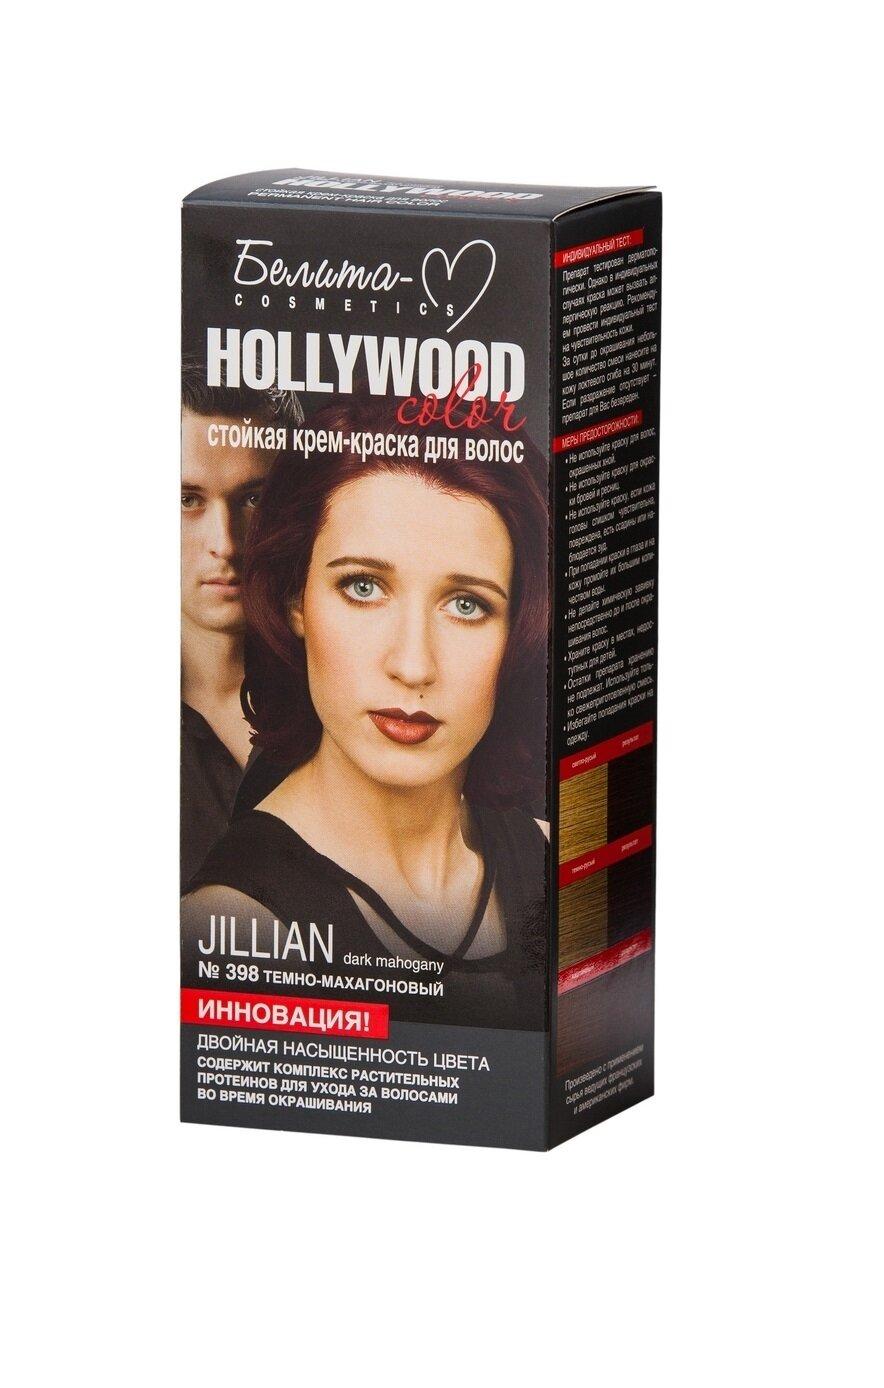 КРЕМ-КРАСКА стойка для волос Hollywood color   тон 398 Jillian (темно-махагоновый)   Belita-M